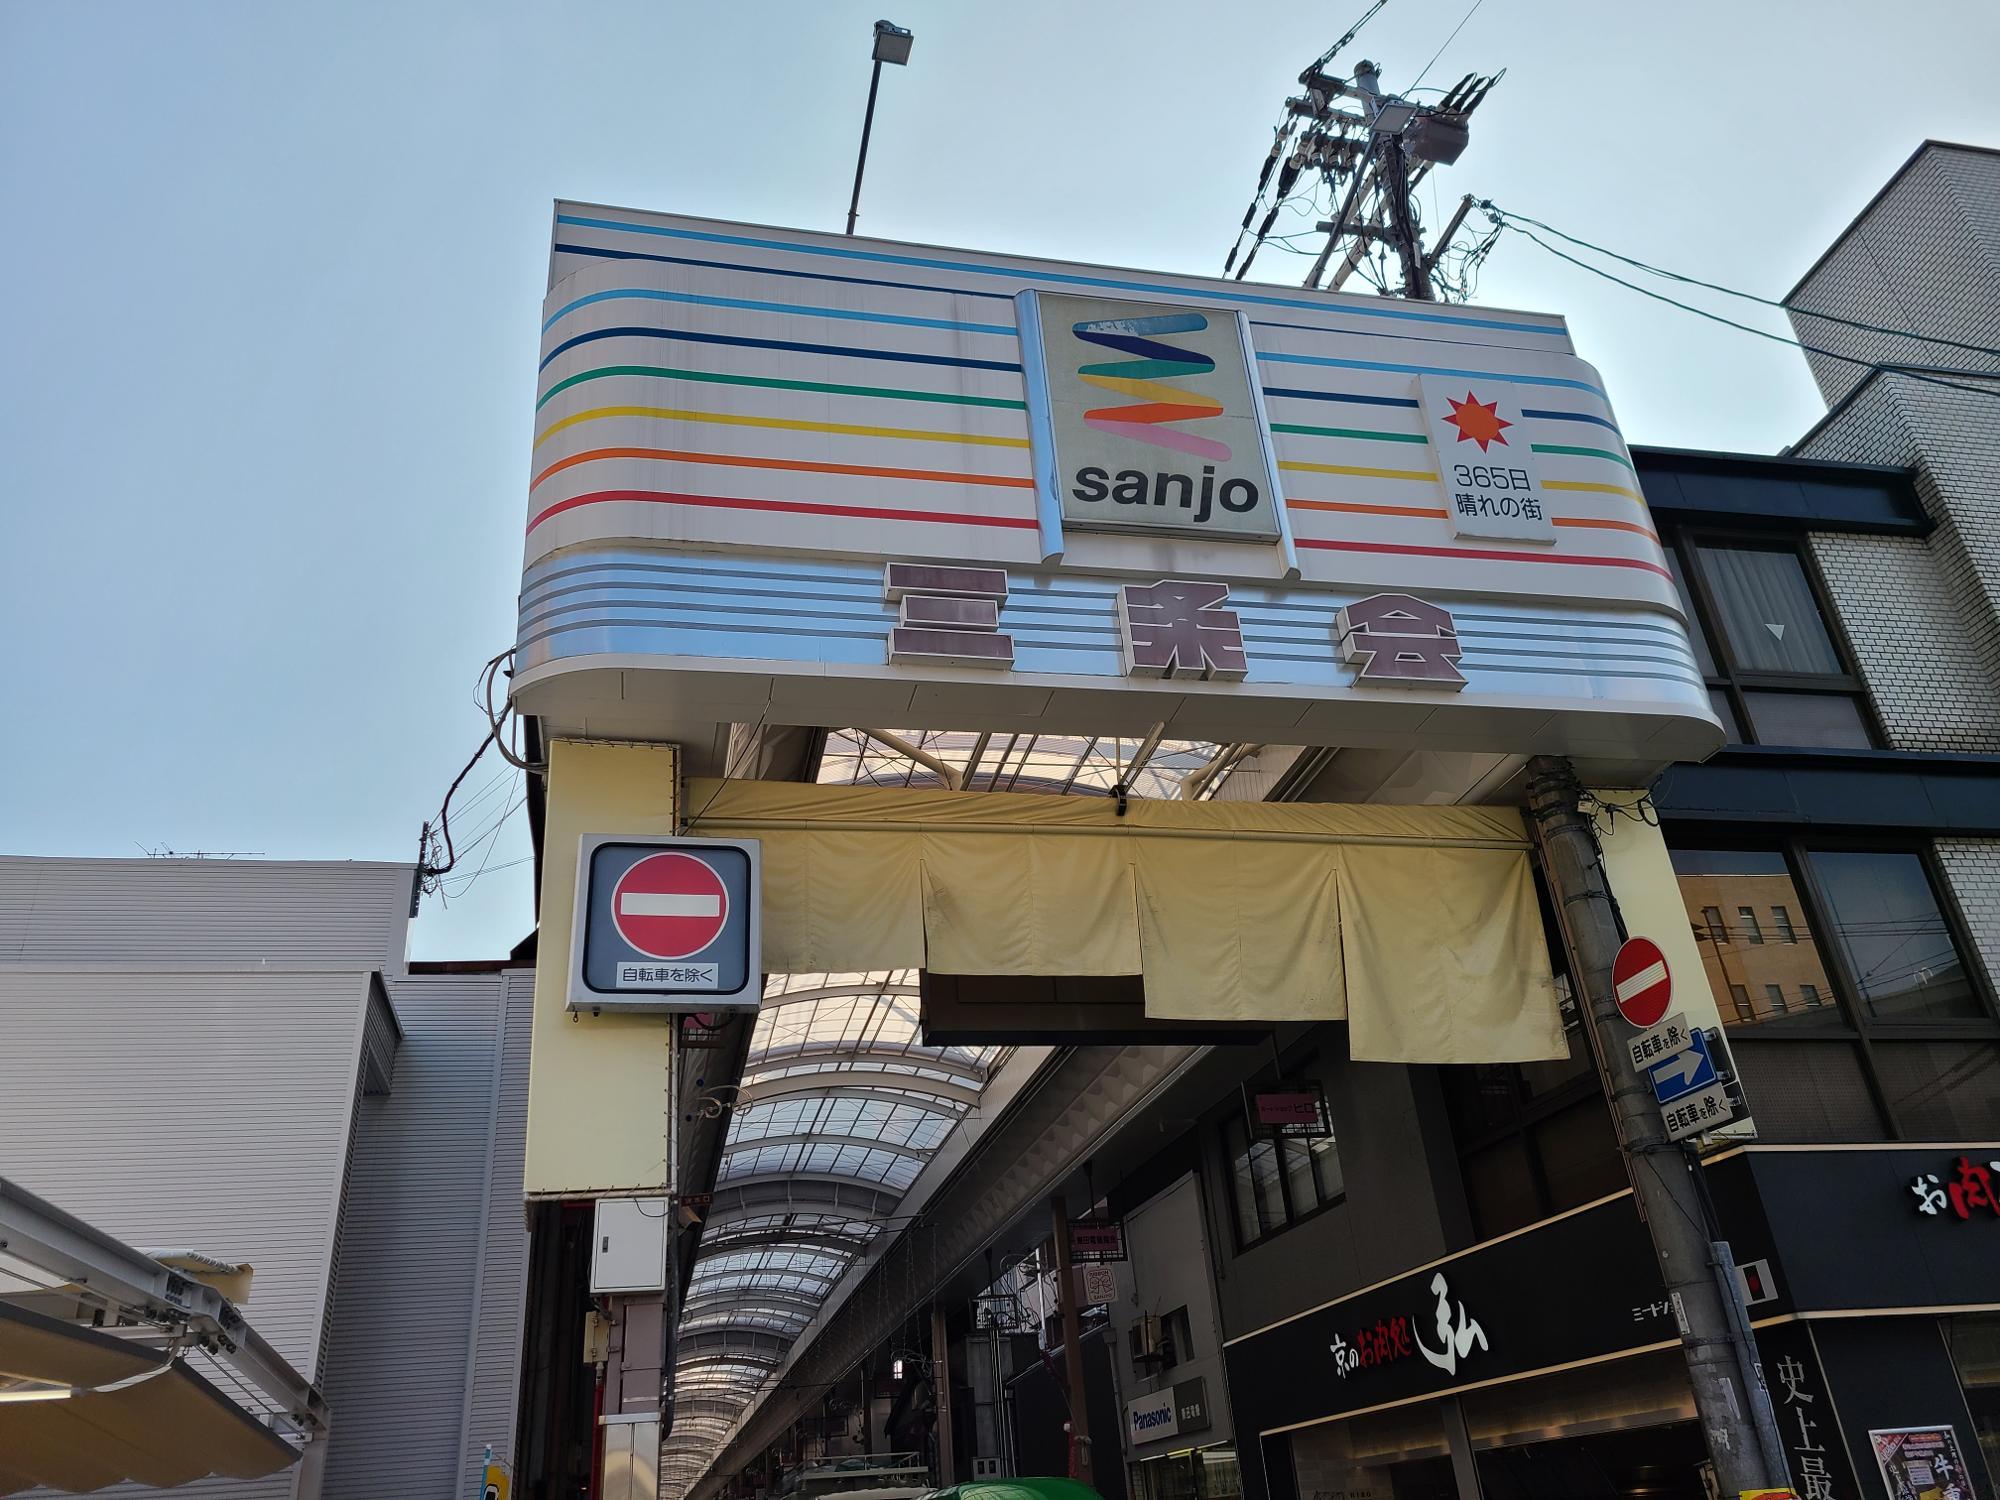 京都最大のアーケードを誇る 365日晴れの街 京都三条会商店街